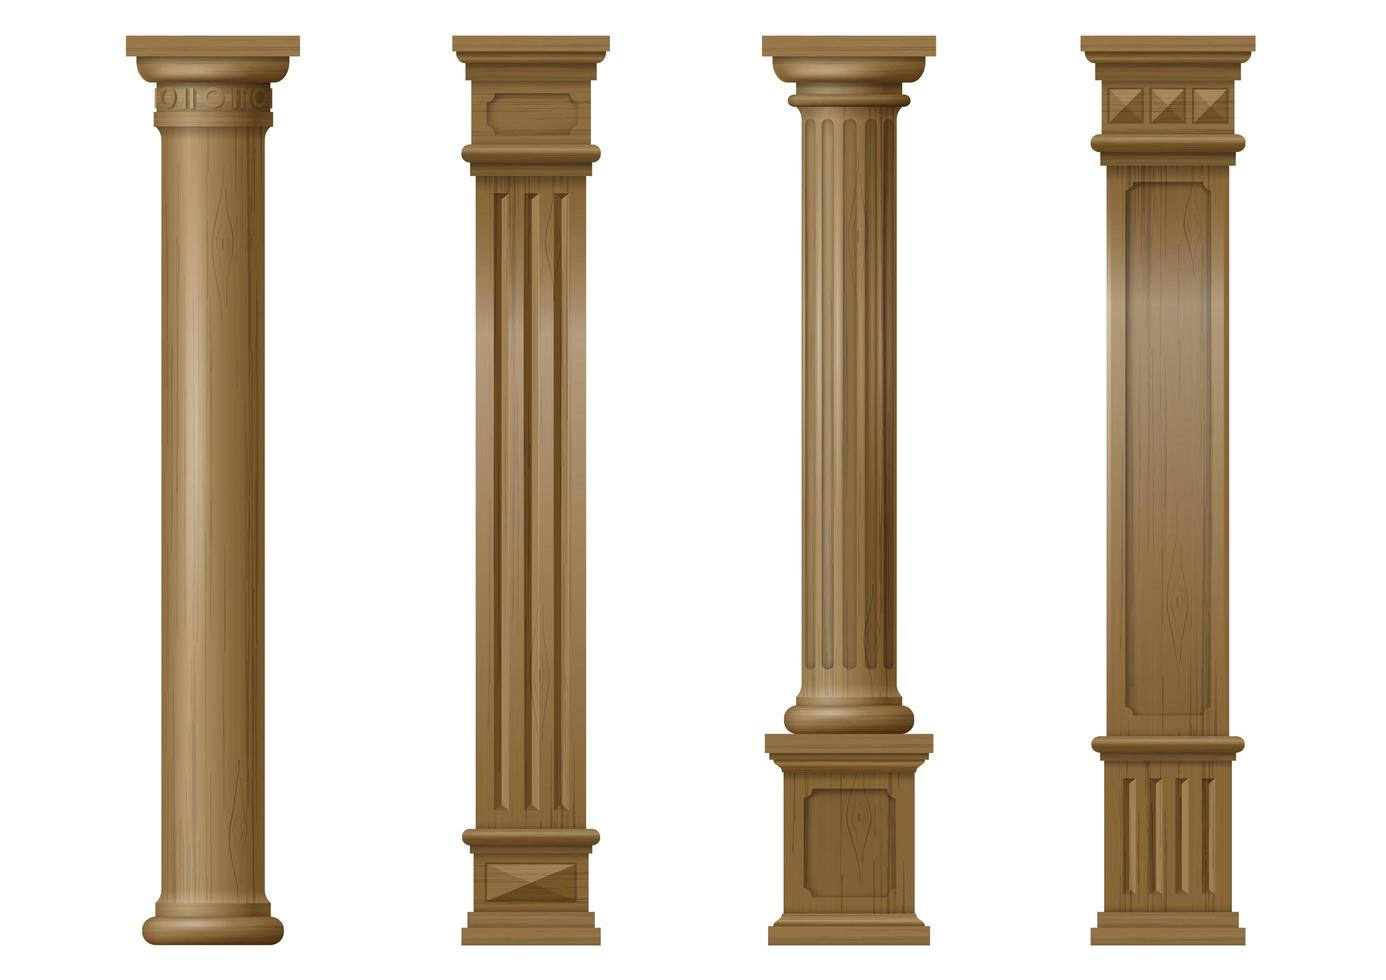 colonnes architecturales classiques en bois sculpté vecteur